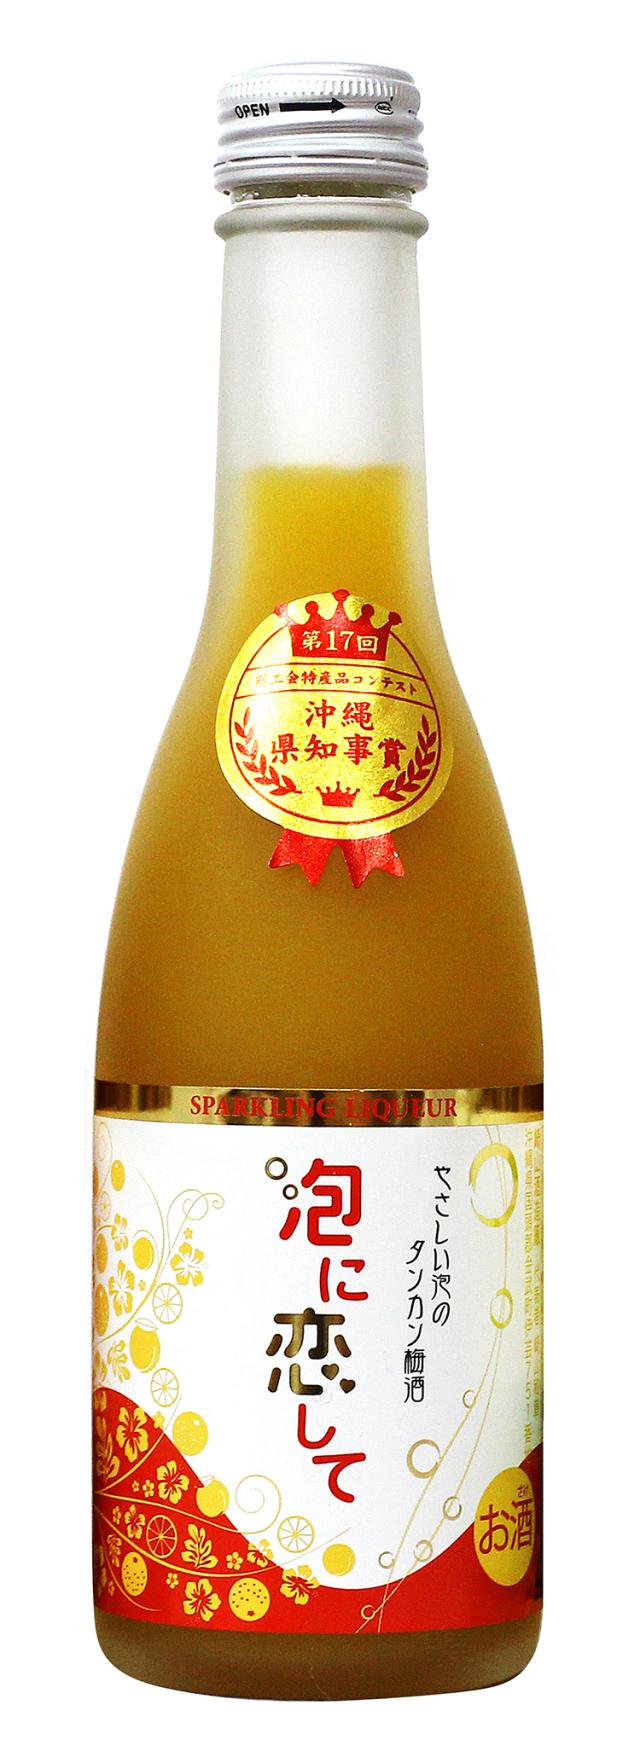 スパークリング梅酒 泡に恋して (タンカン梅酒) (250ml)